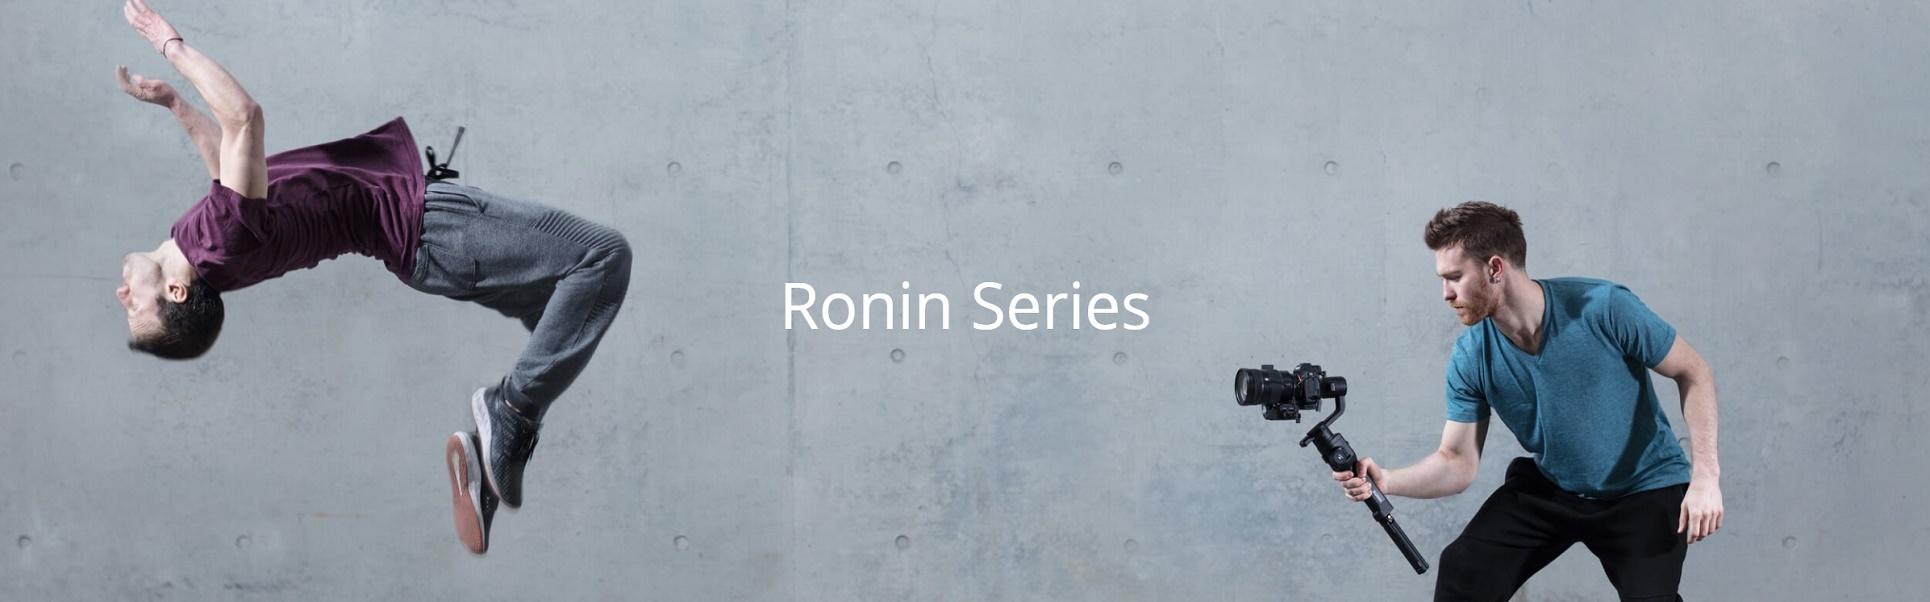 DJI Ronin Series